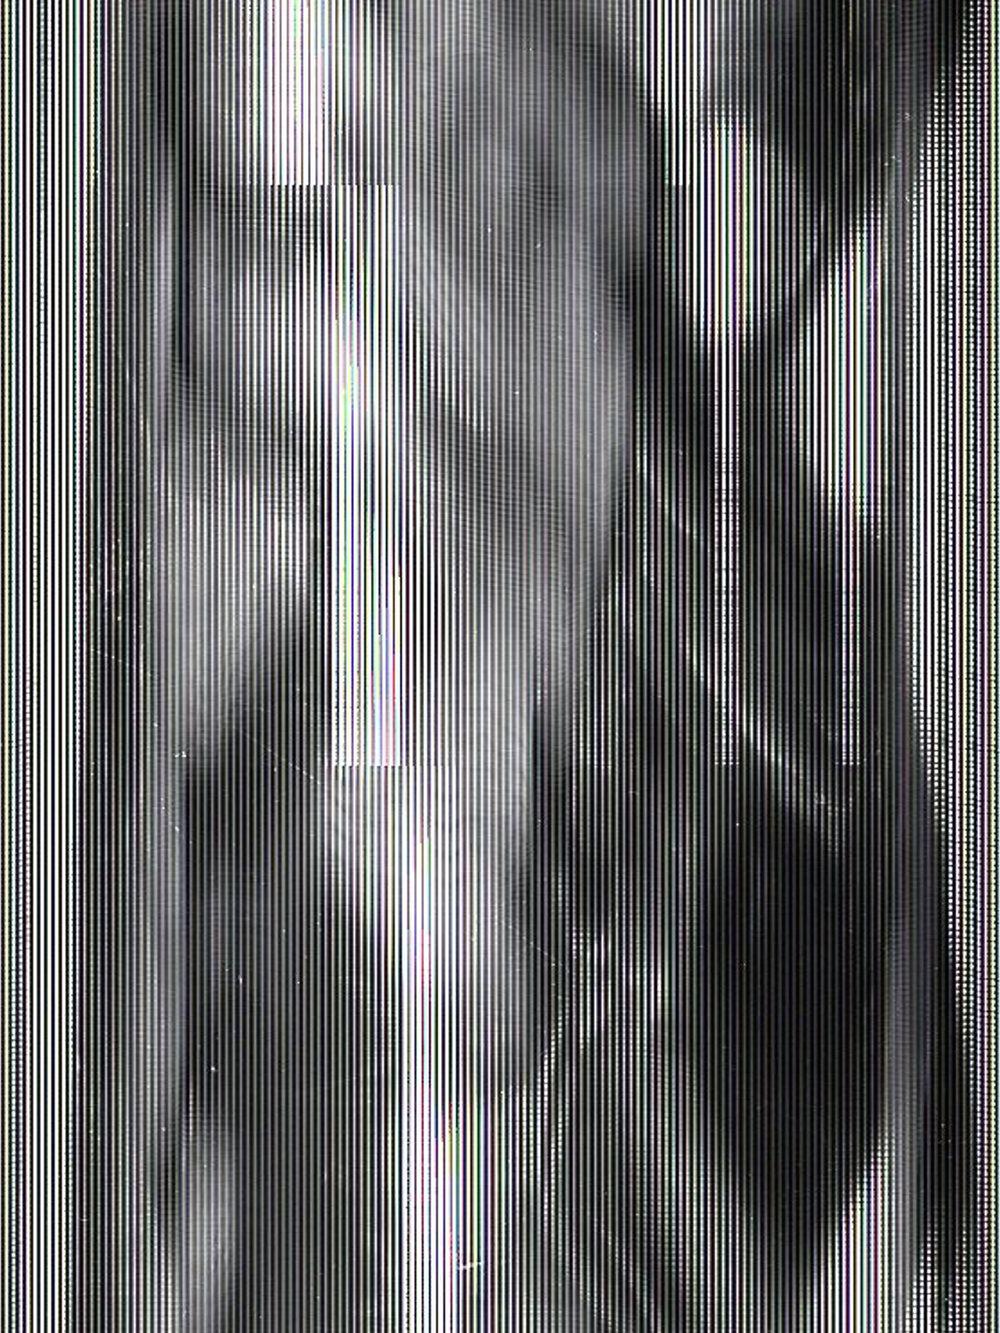 AS_IS-2017-ZINE-16.jpg